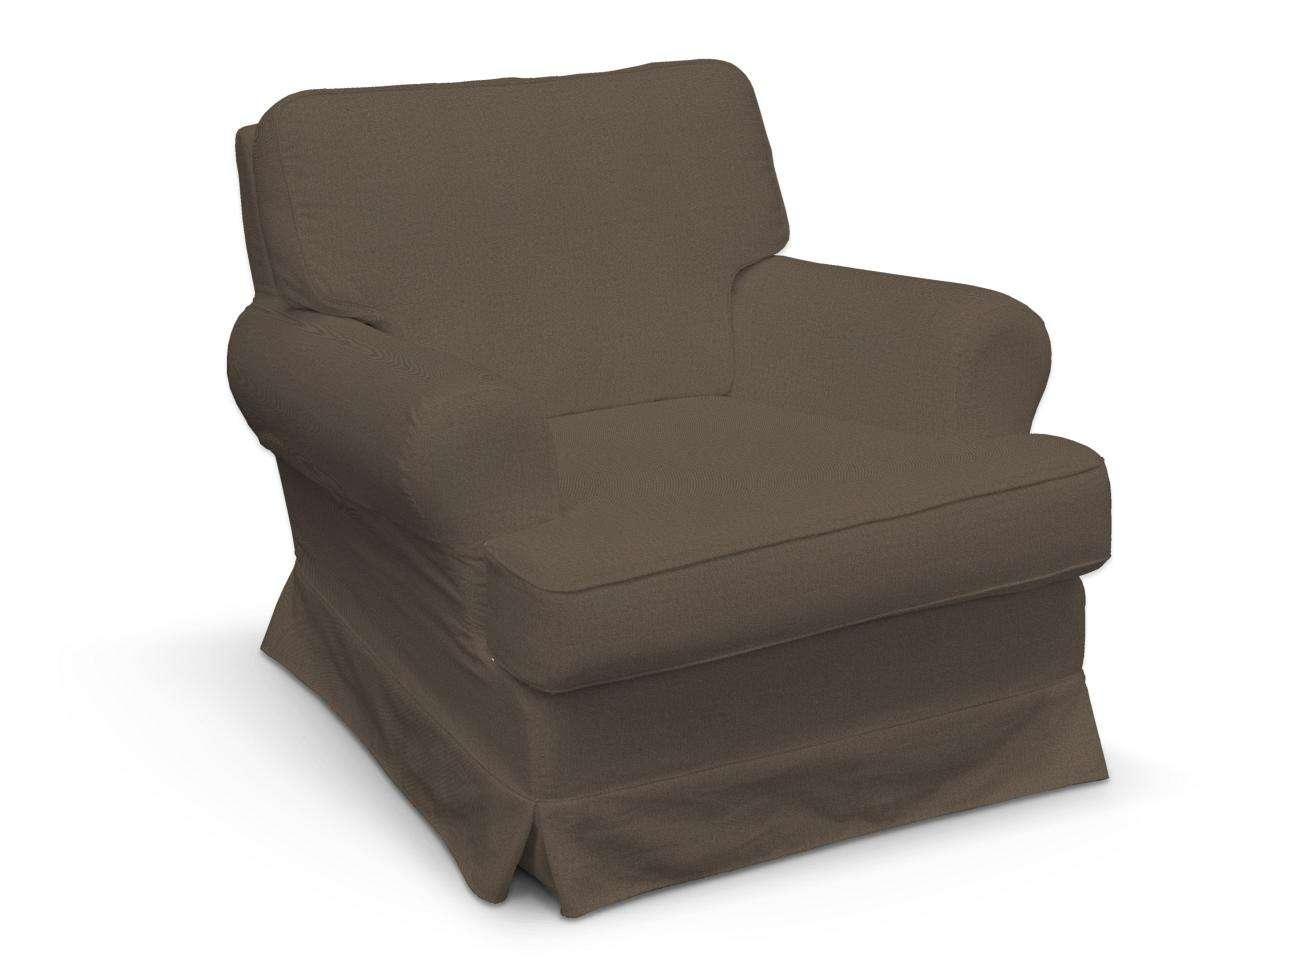 Pokrowiec na fotel Barkaby w kolekcji Etna, tkanina: 705-08